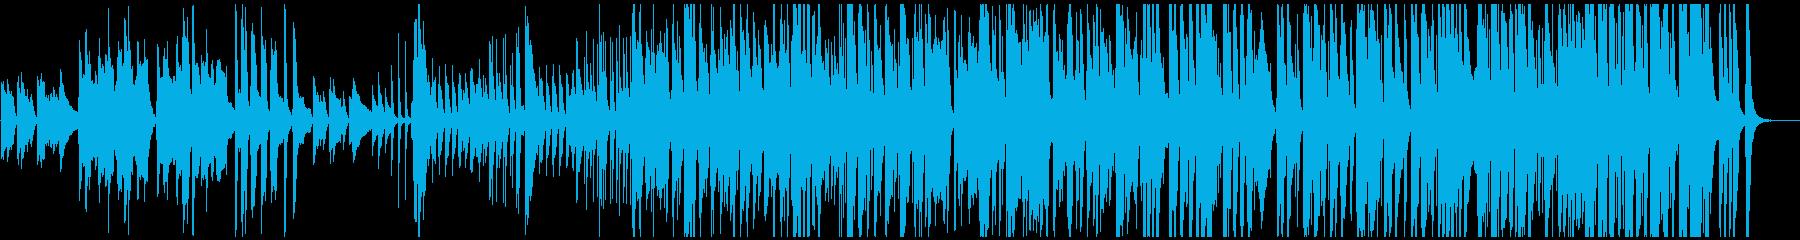 和太鼓・篠笛を使った「あめふり」JAZZの再生済みの波形